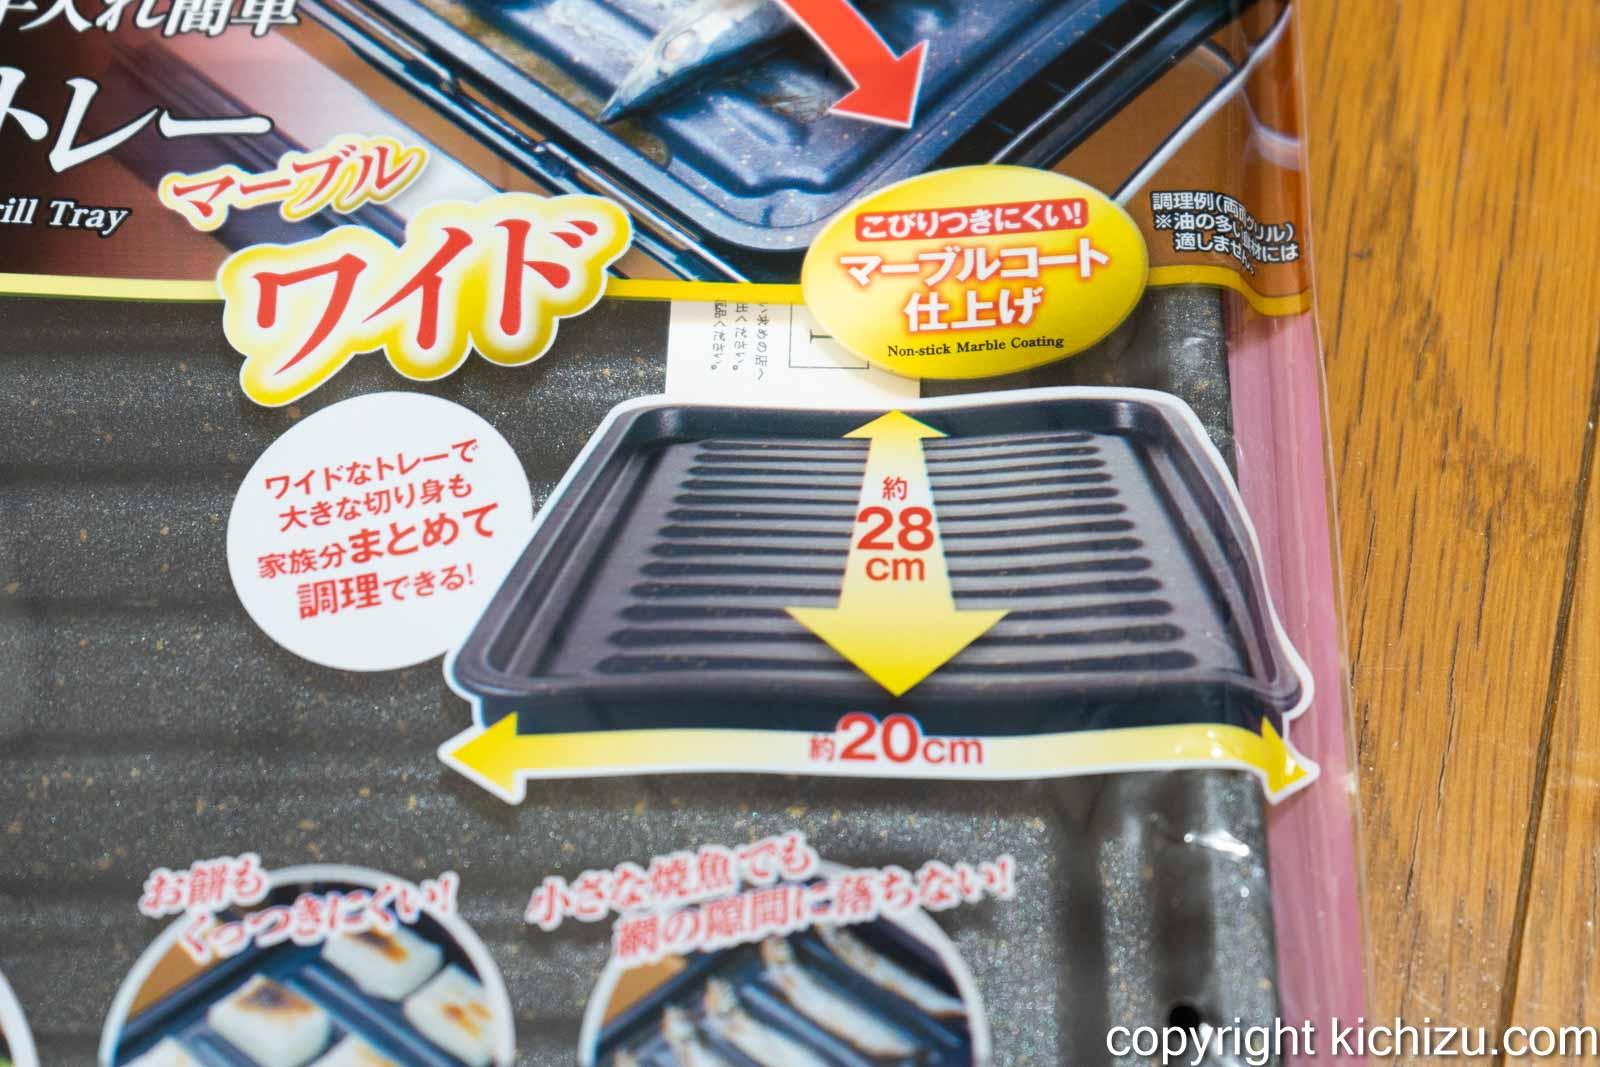 焼魚トレー マーブル パッケージ トレイのサイズ説明